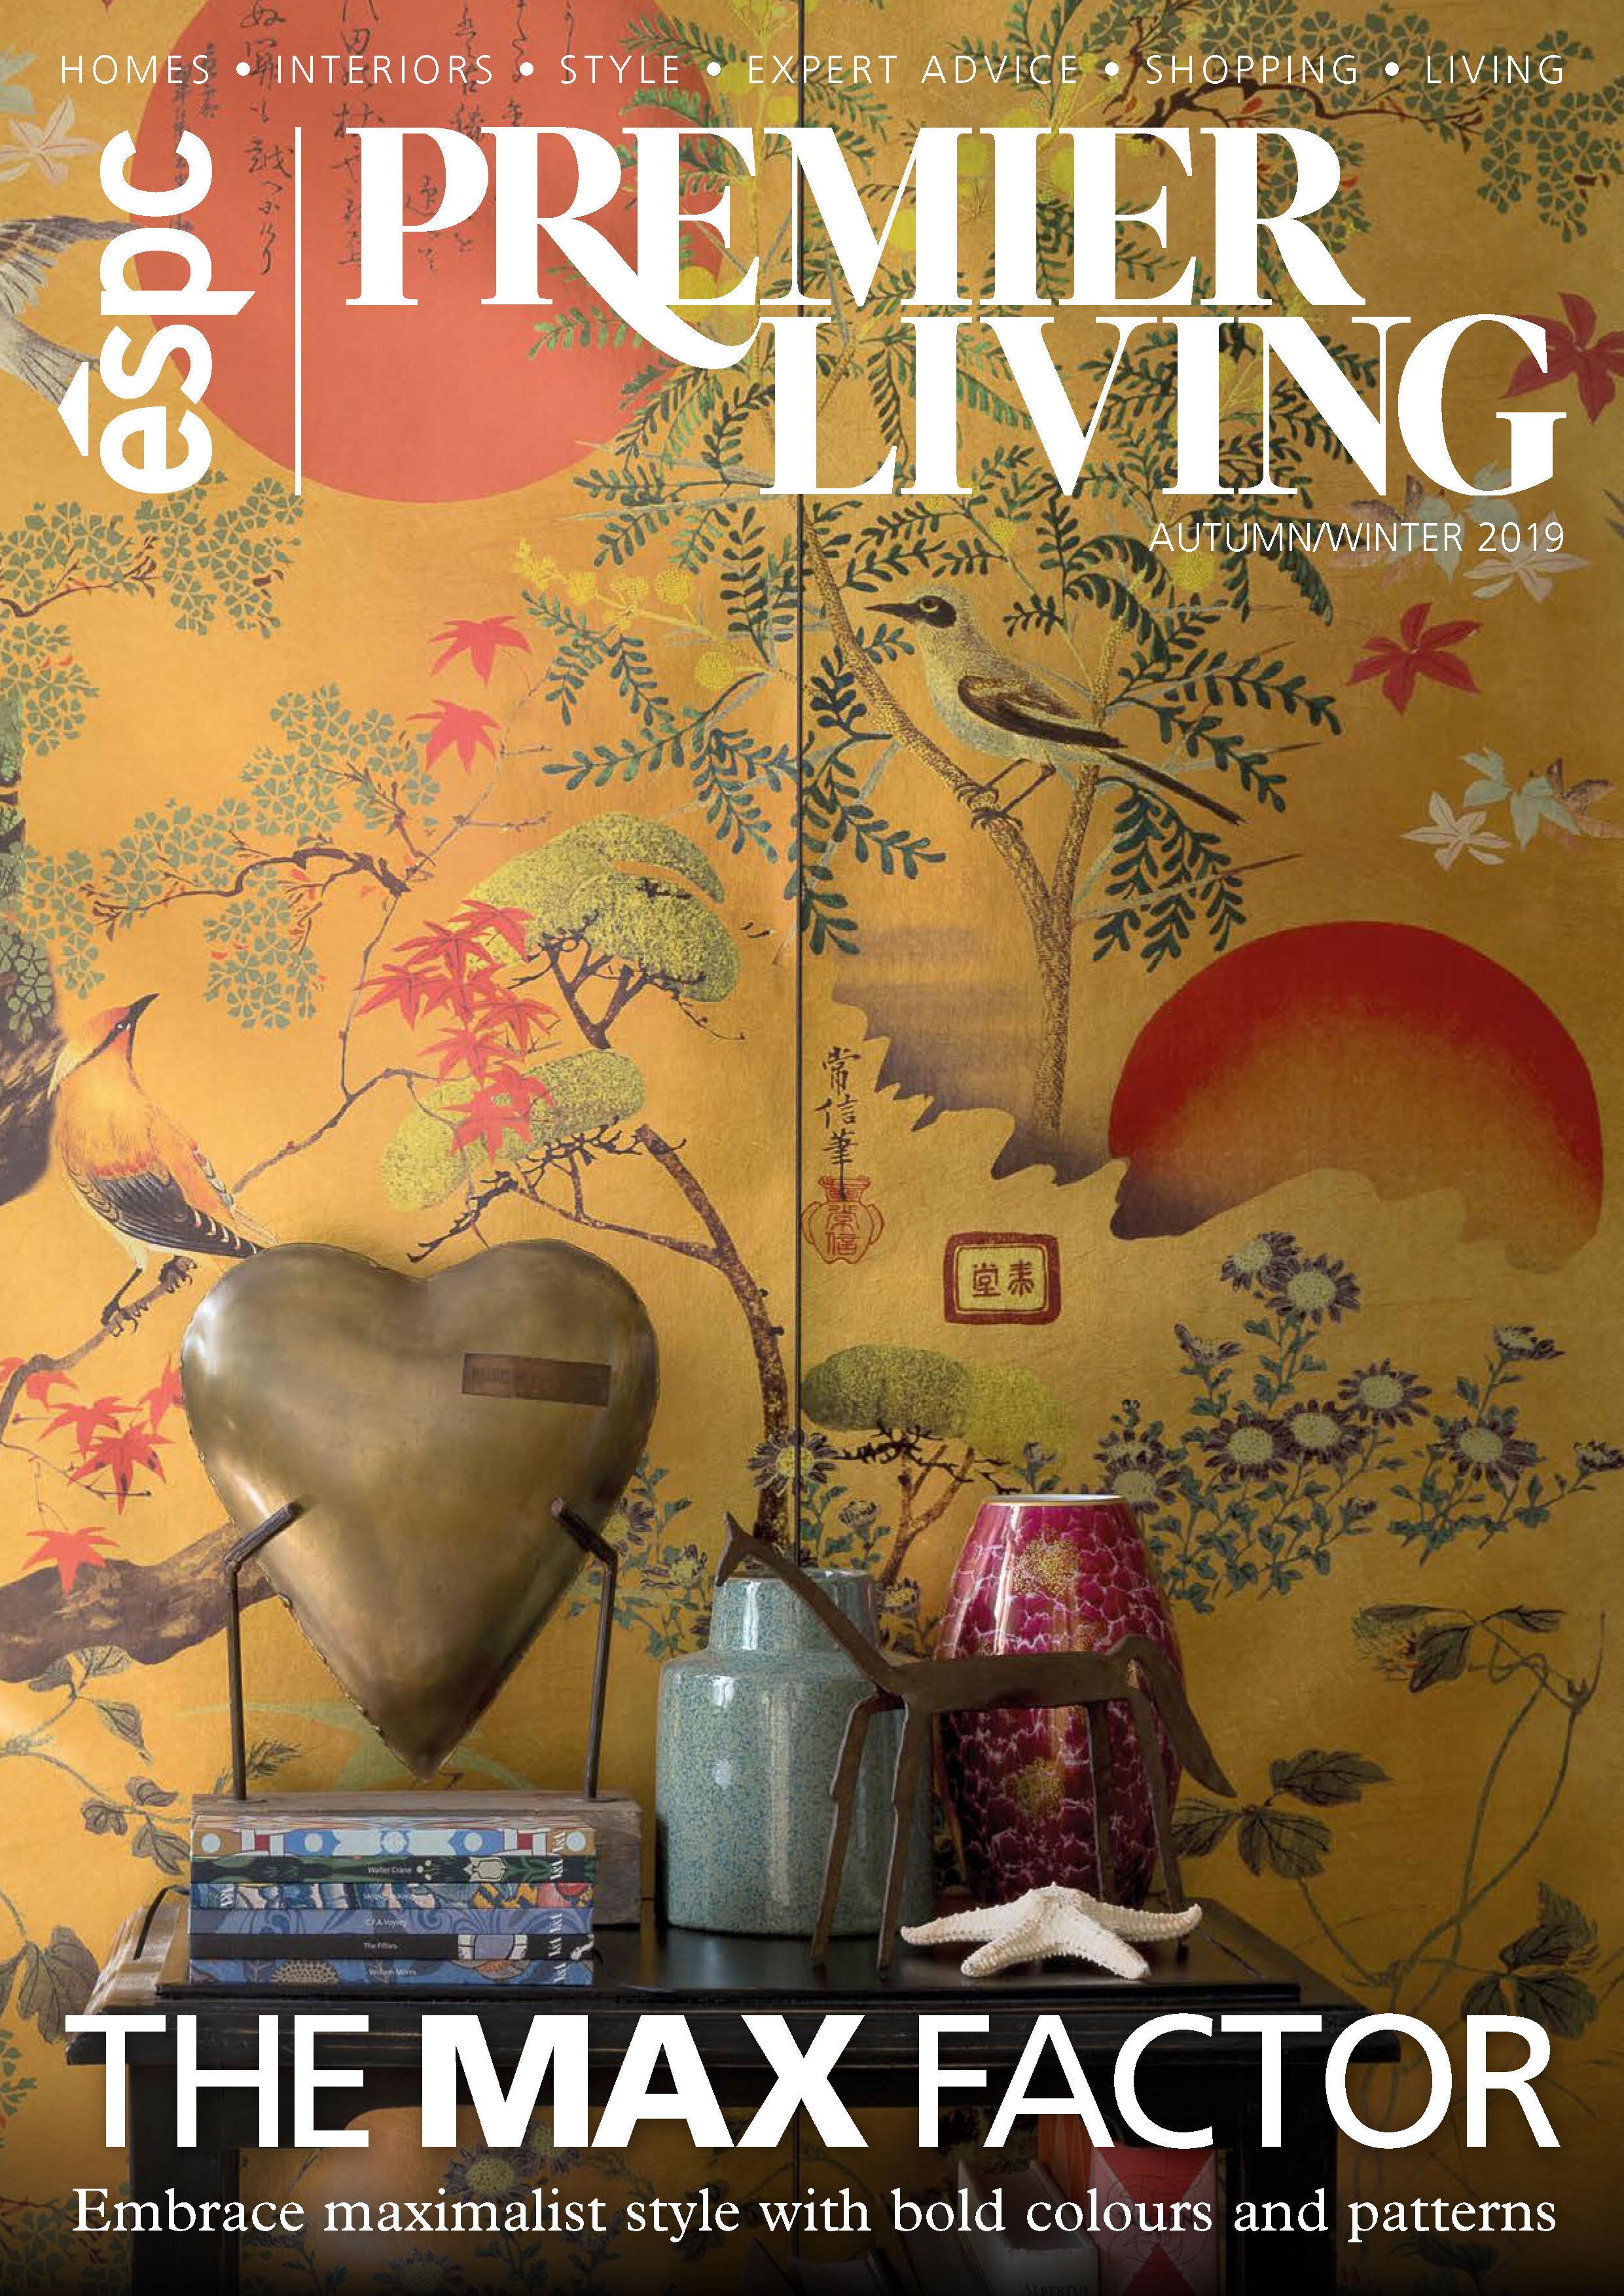 espc-premier-living-autumn_winter-2019-full-book-medium-res_Page_1.jpg